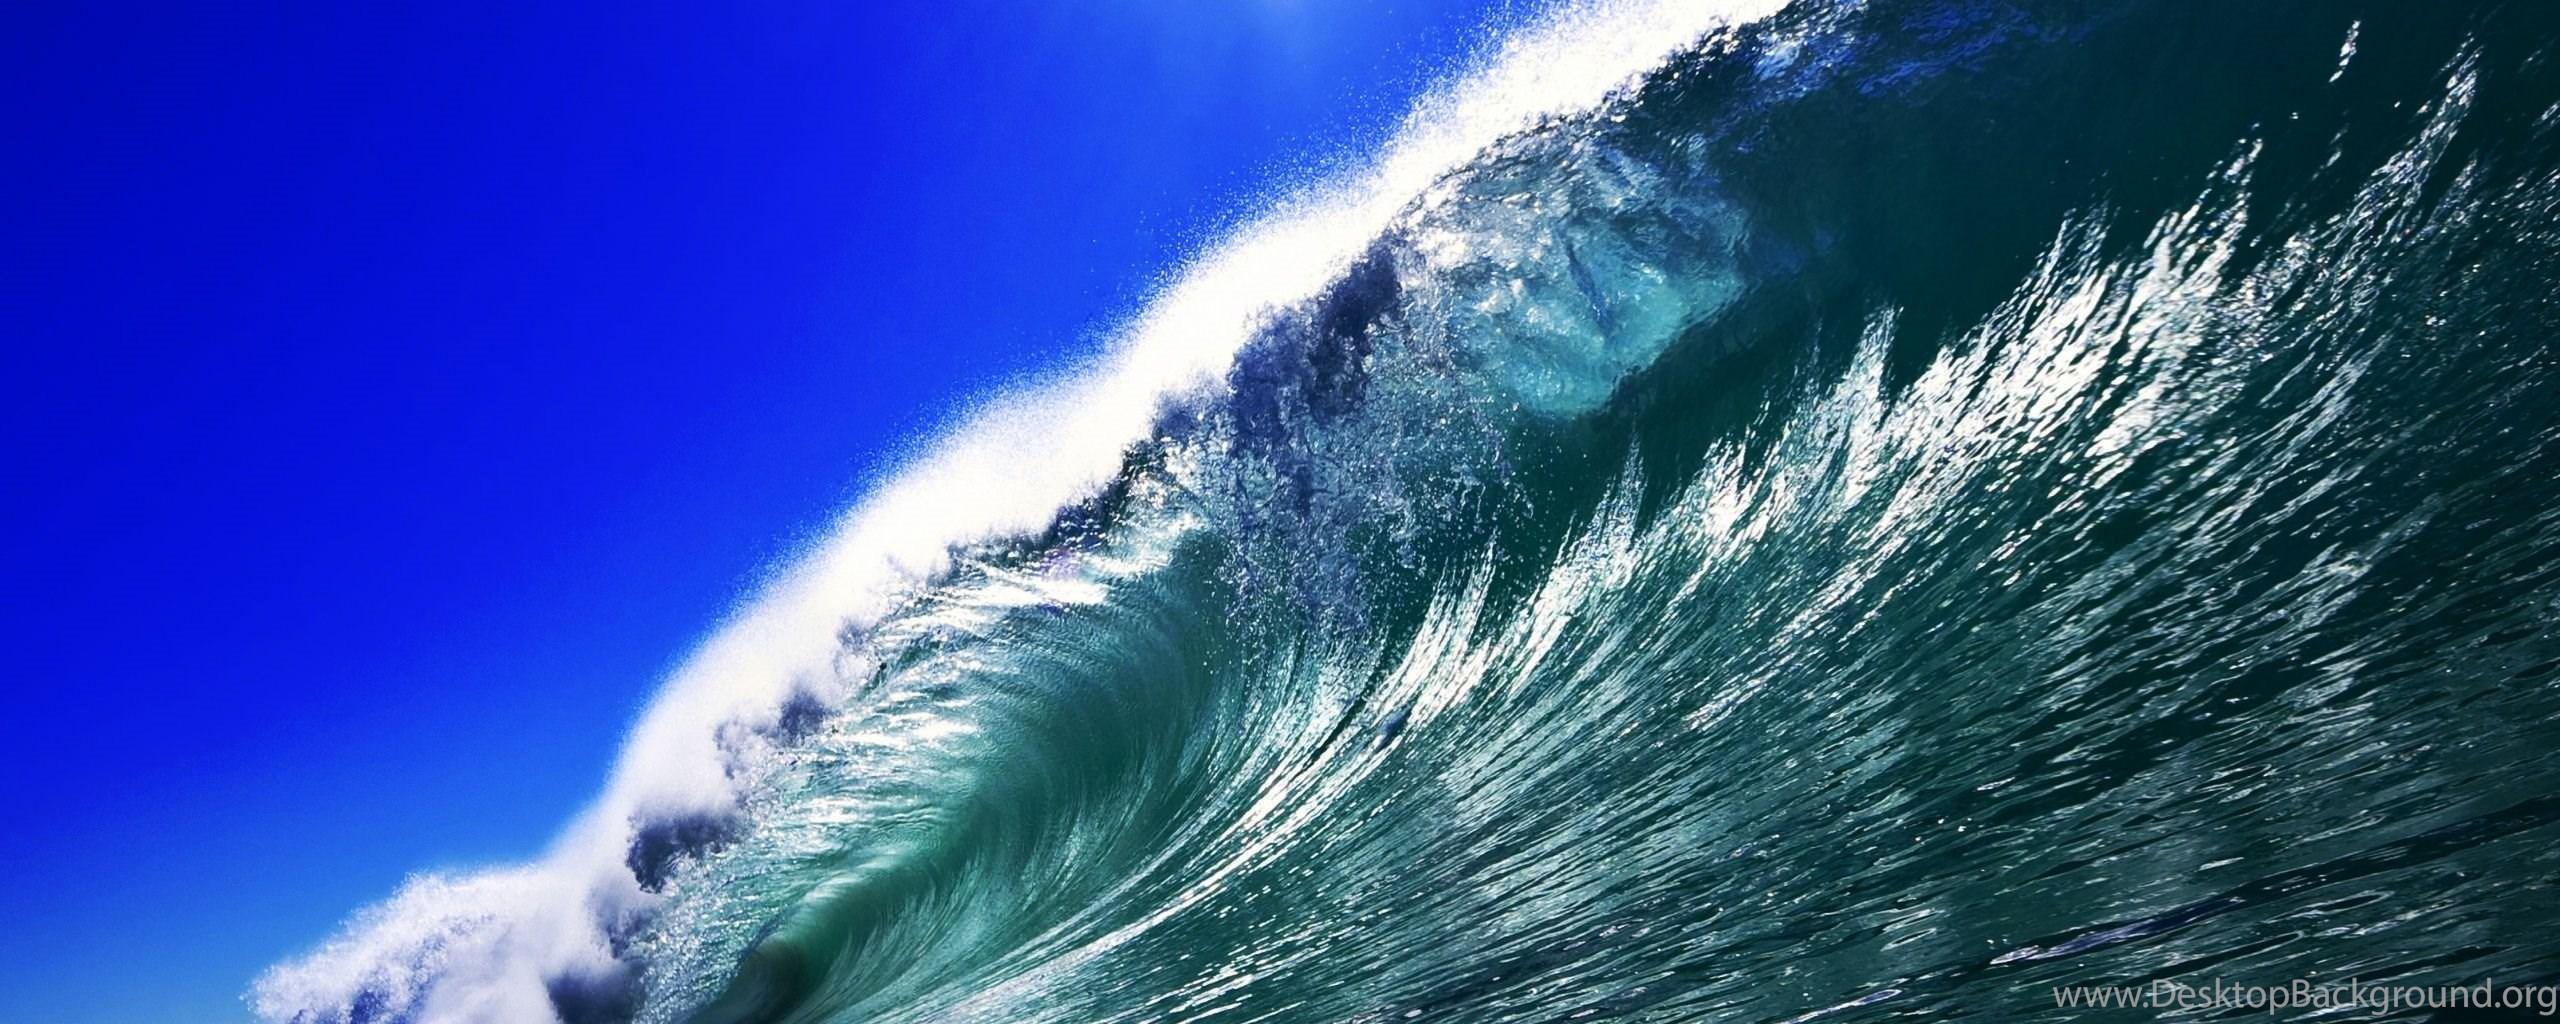 Ocean Waves Desktop Wallpaper